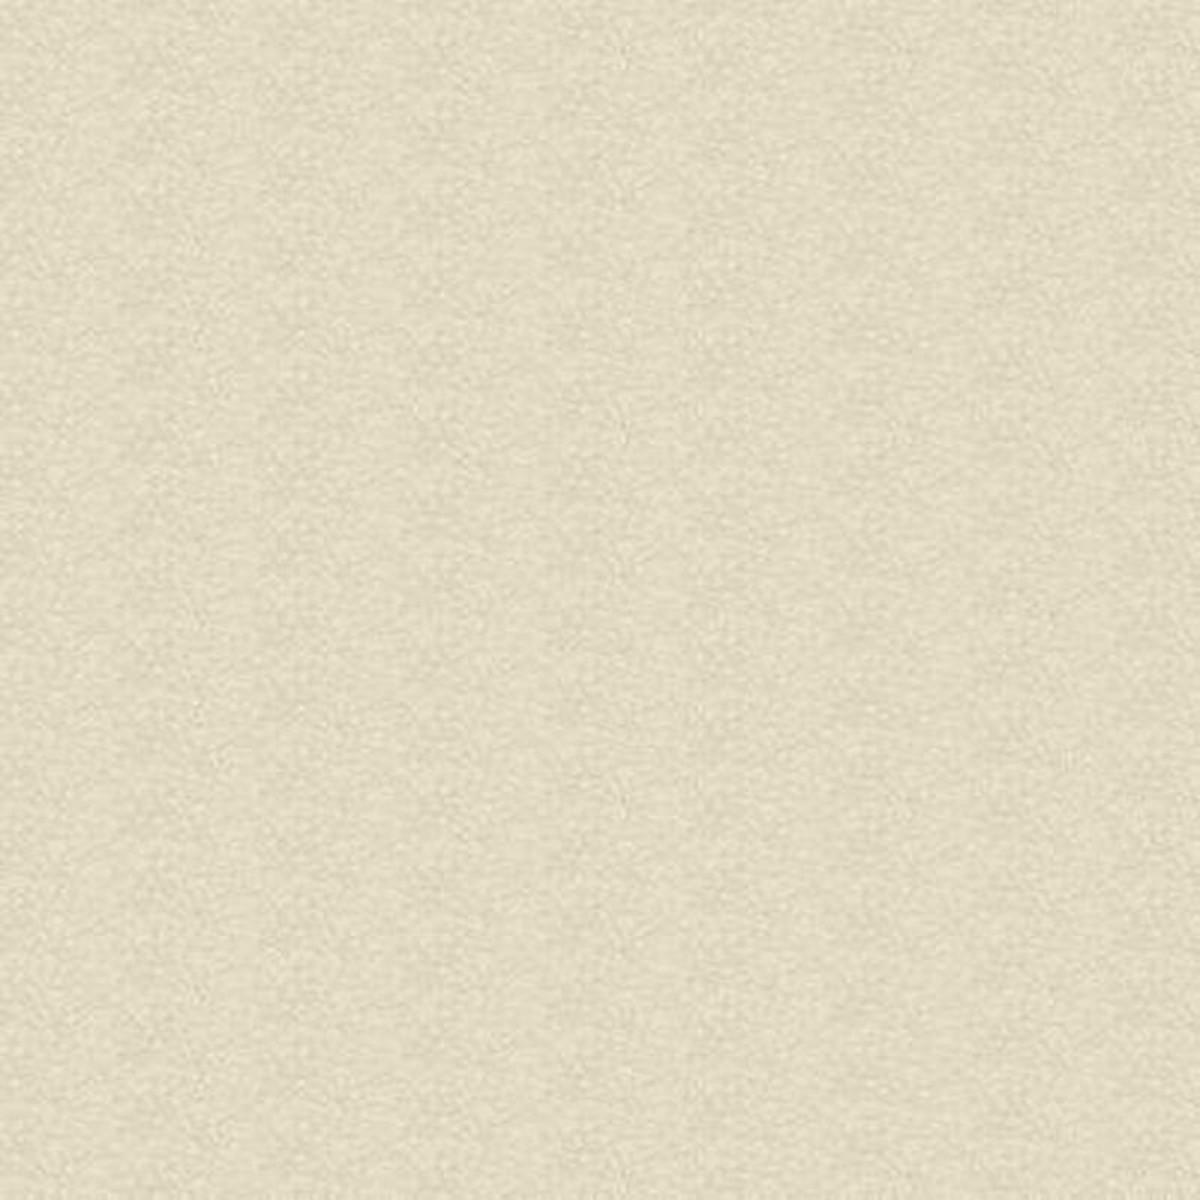 Обои бумажные York Wallcoverings Wallpapher бежевые WH2641 0.68 м